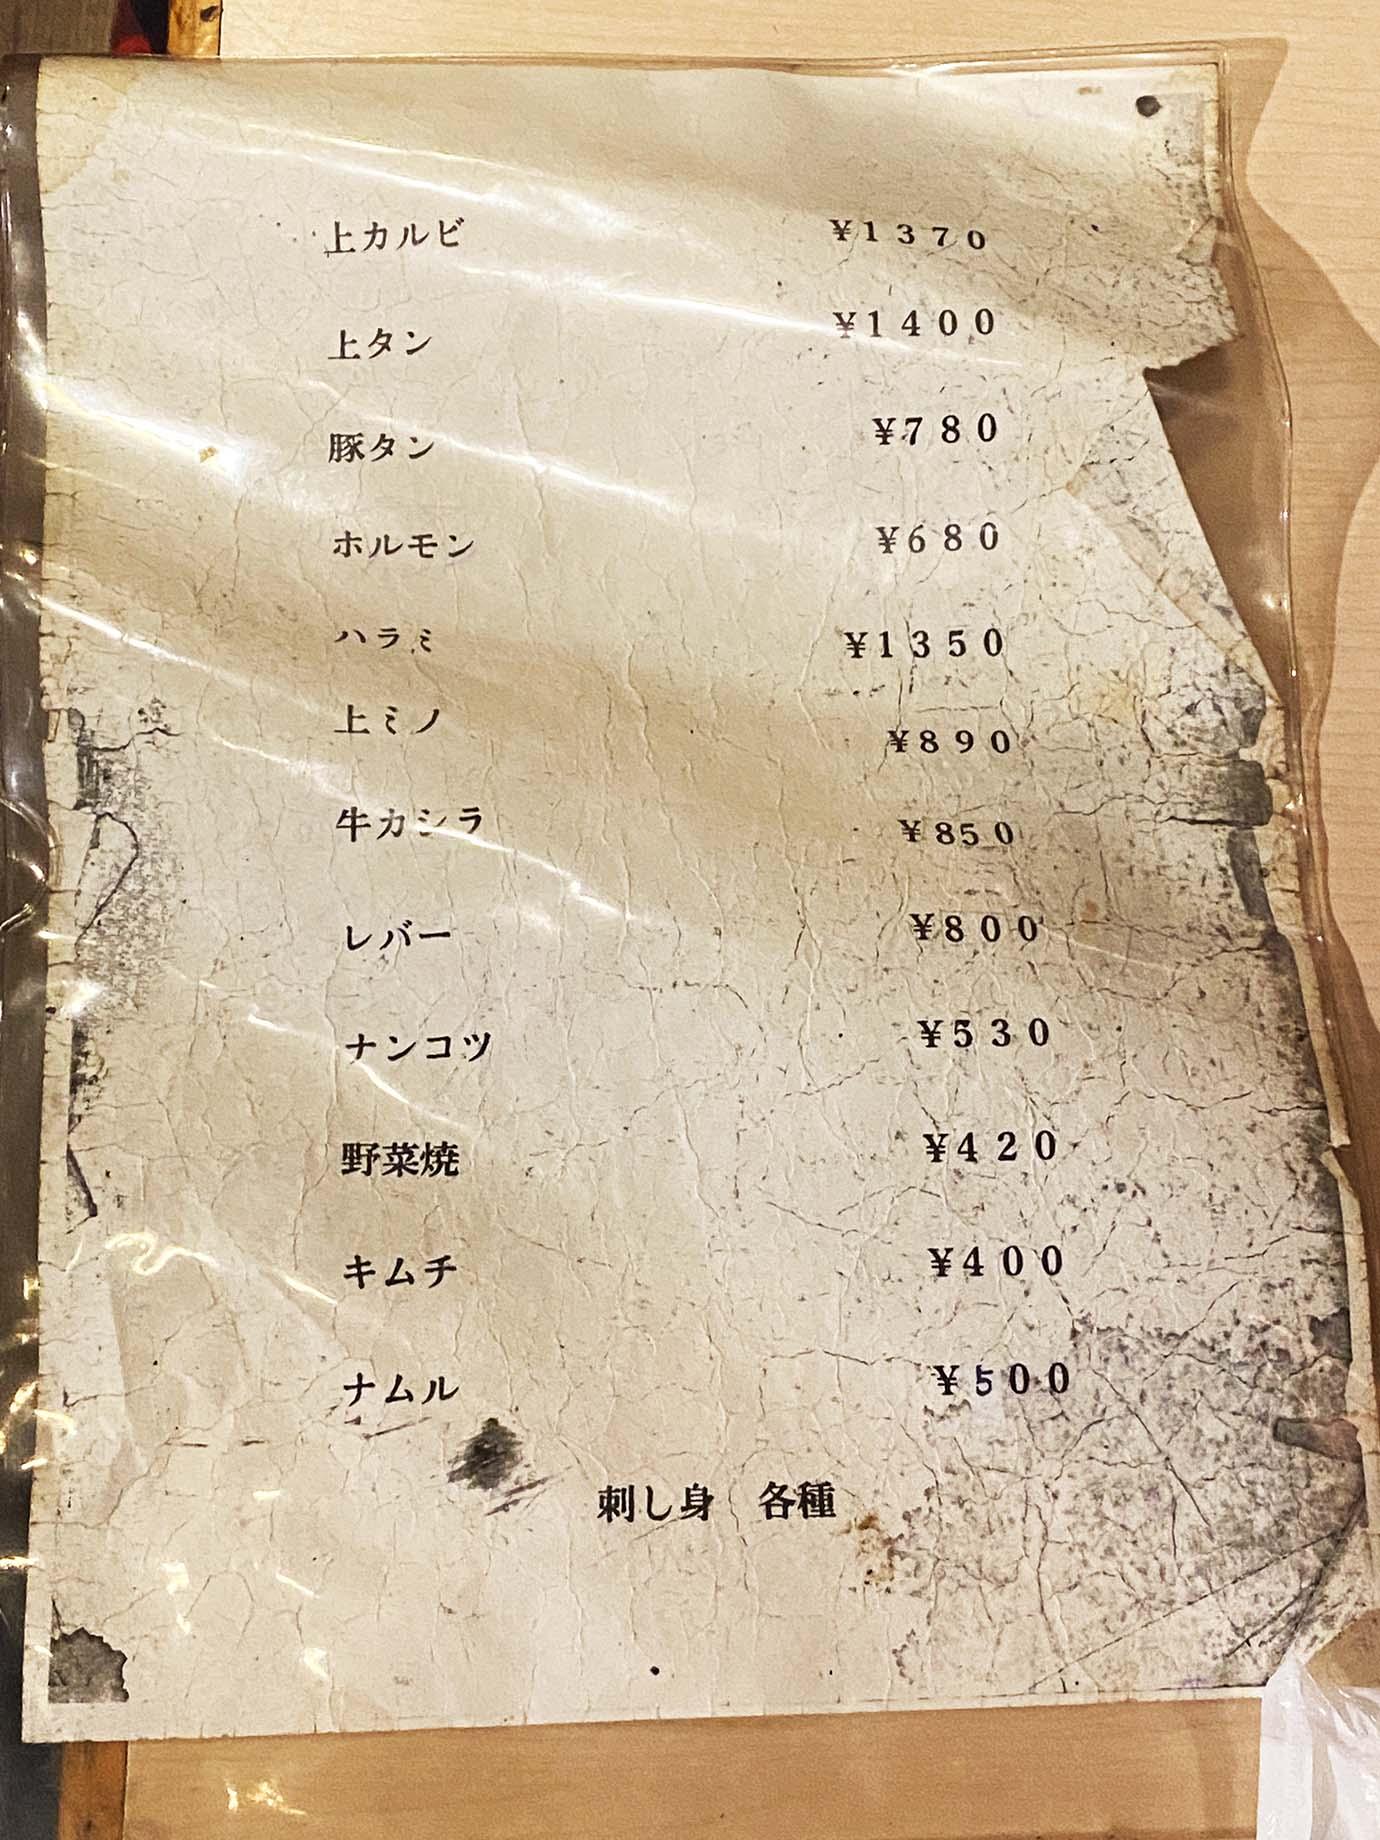 shibuya-yuji10